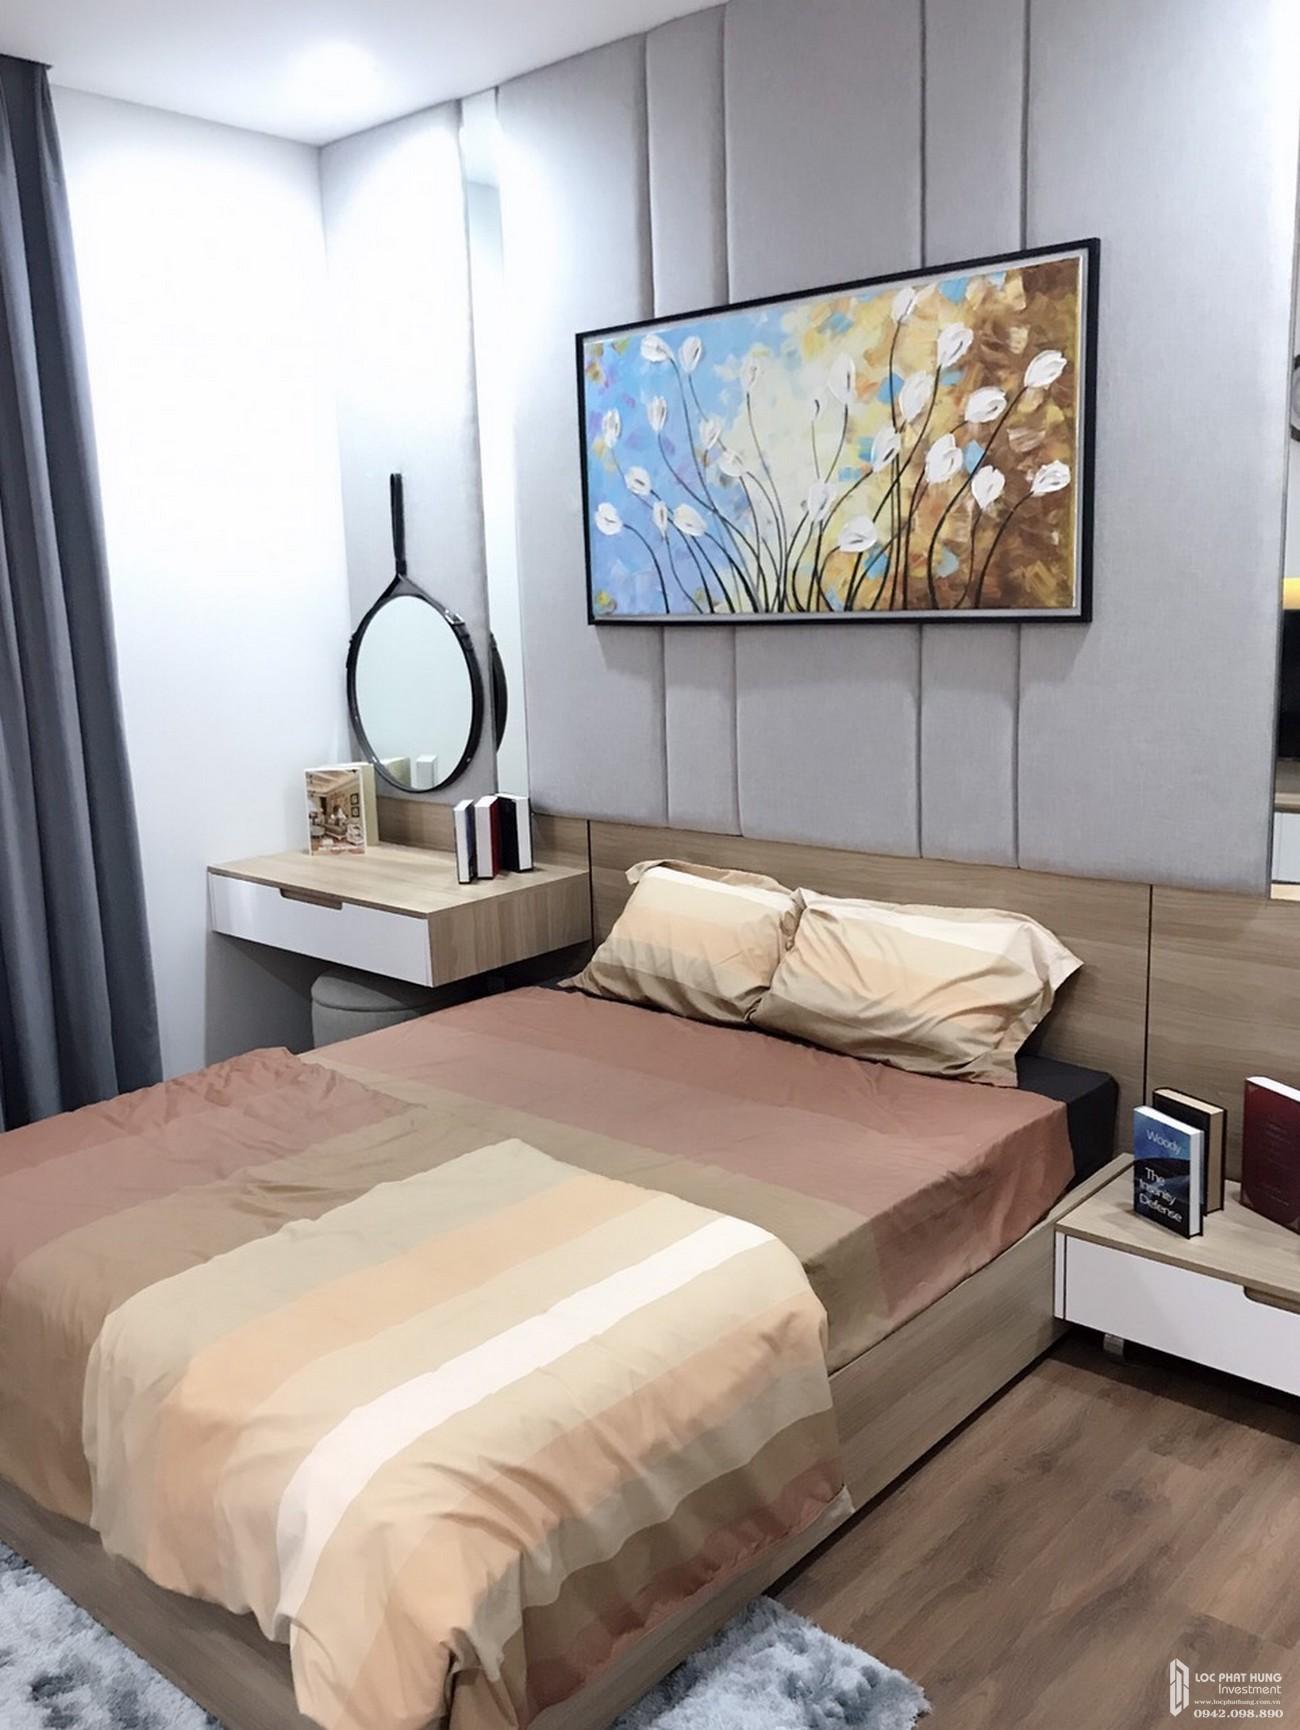 Nhà mẫu dự án nhà phố Lovera Premier chủ đầu tư Khang Điền Bình Chánh